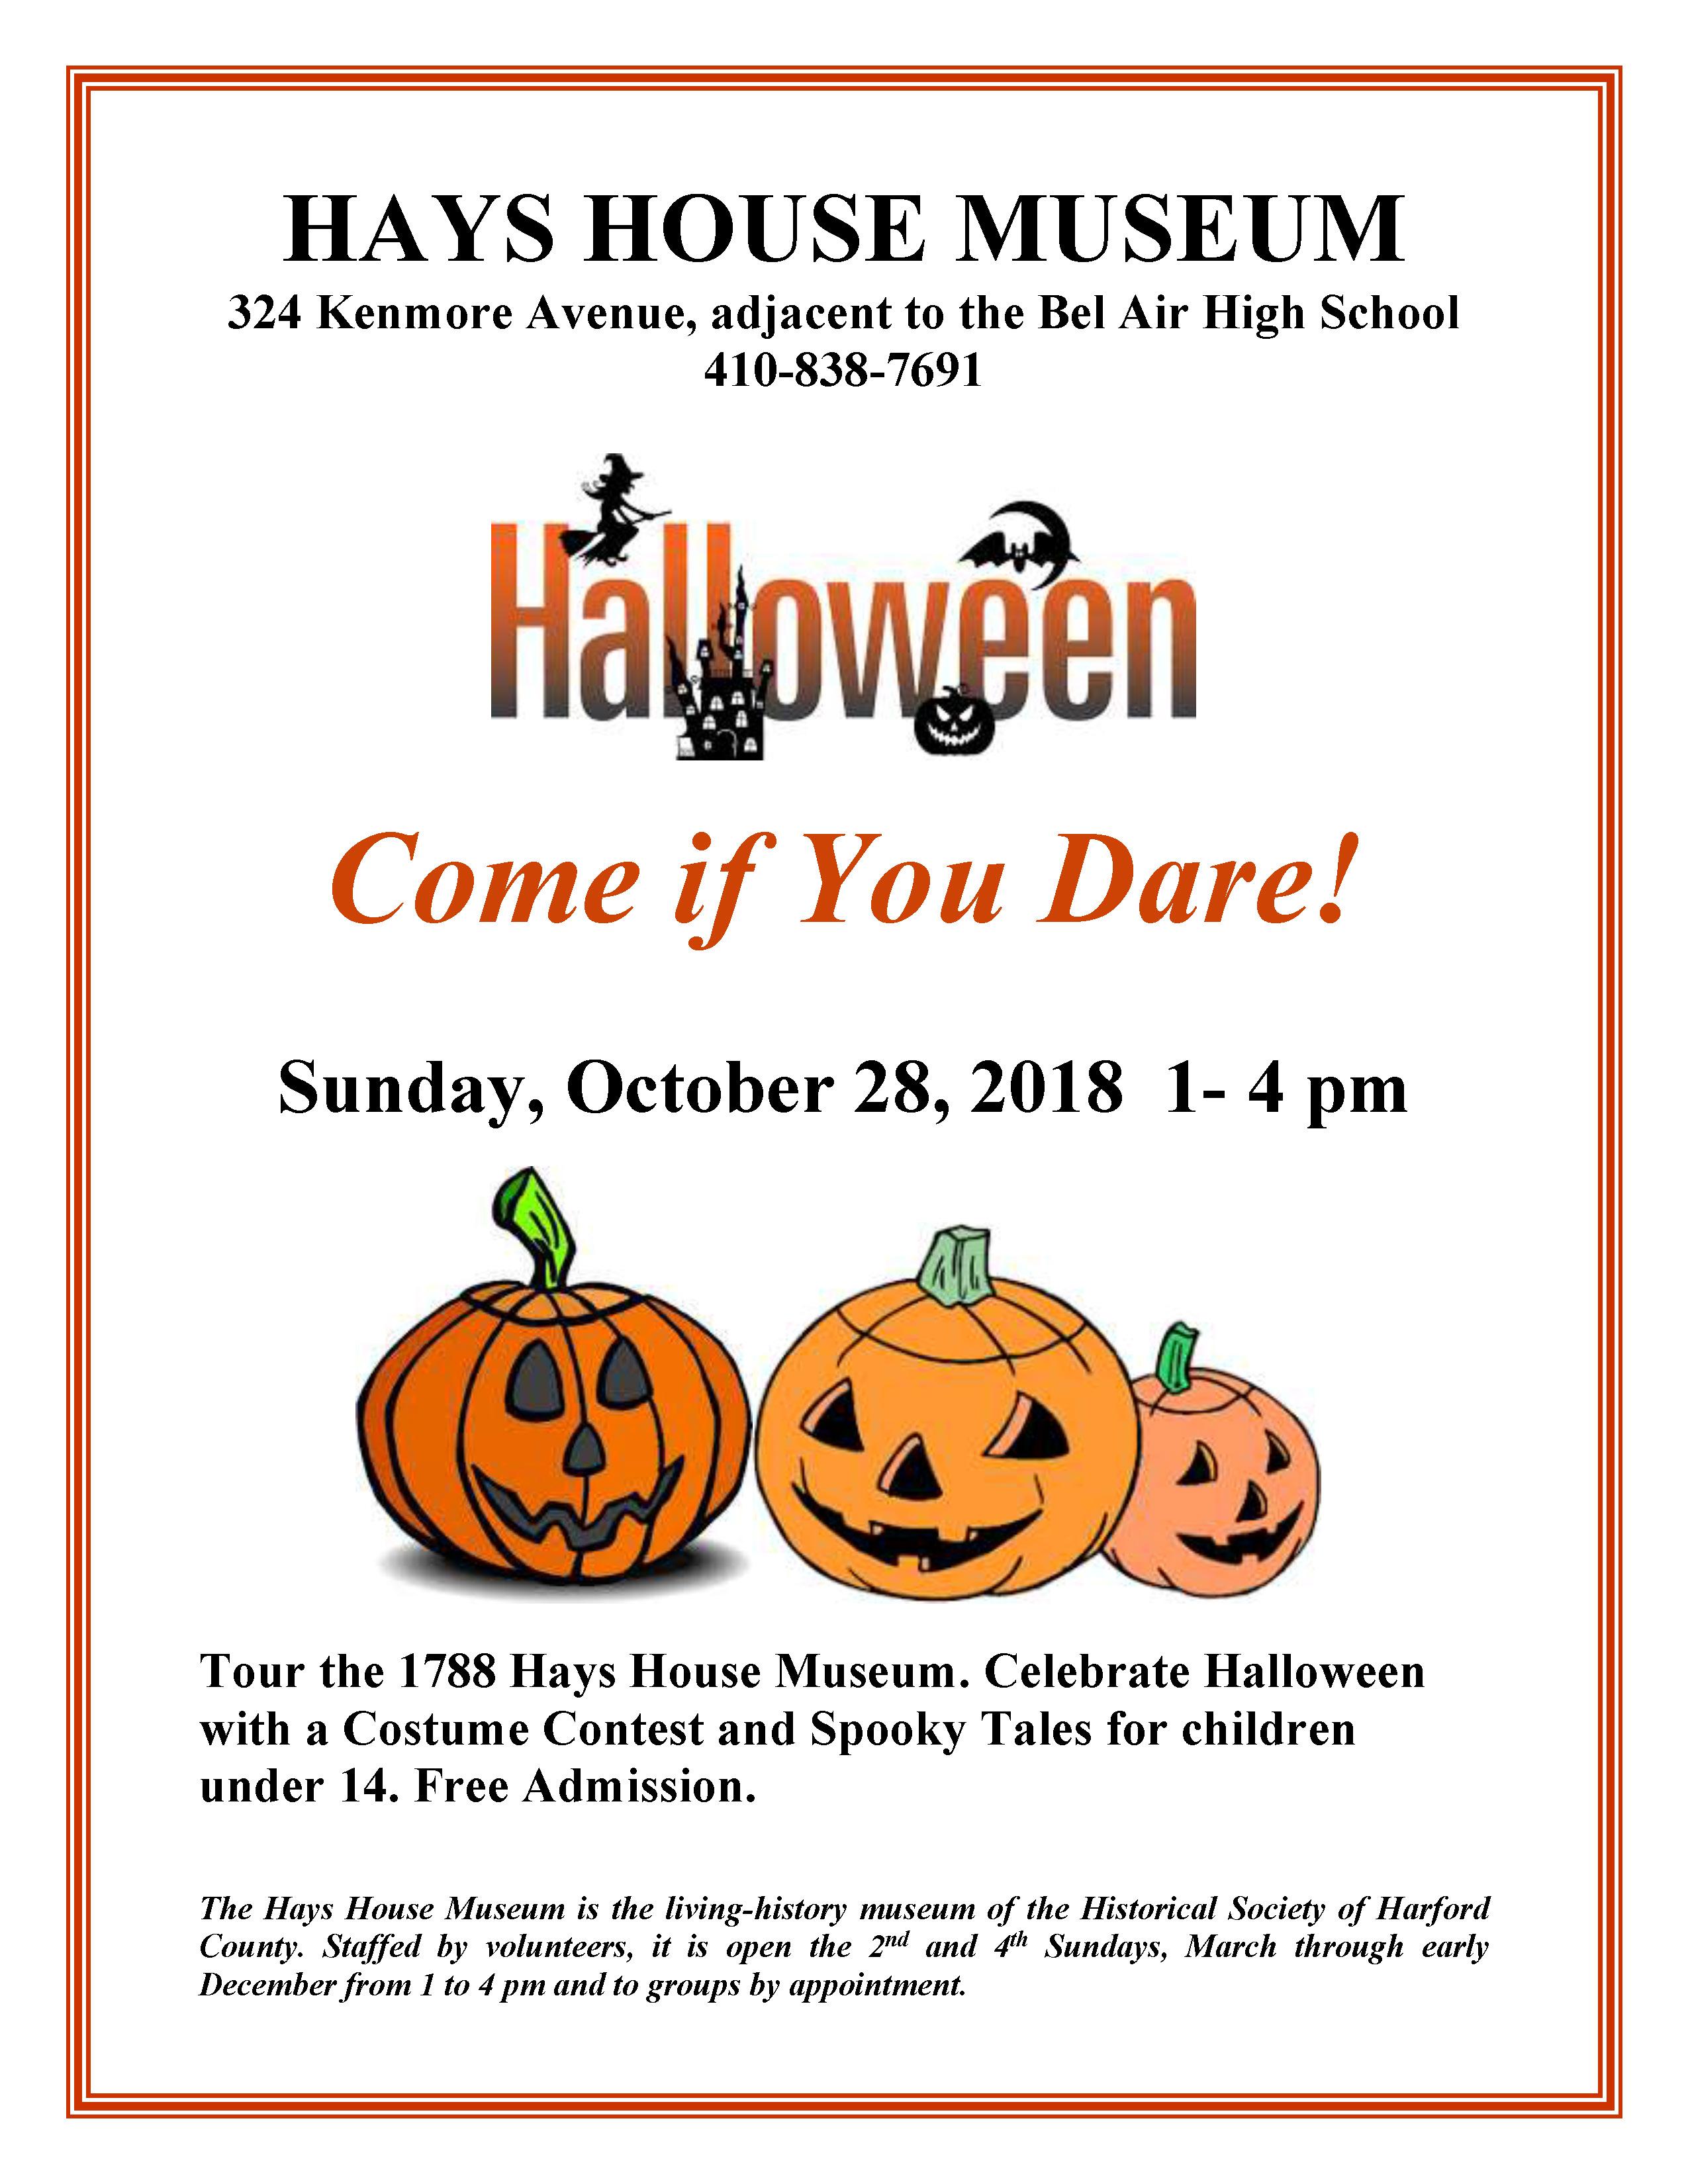 come if you dare